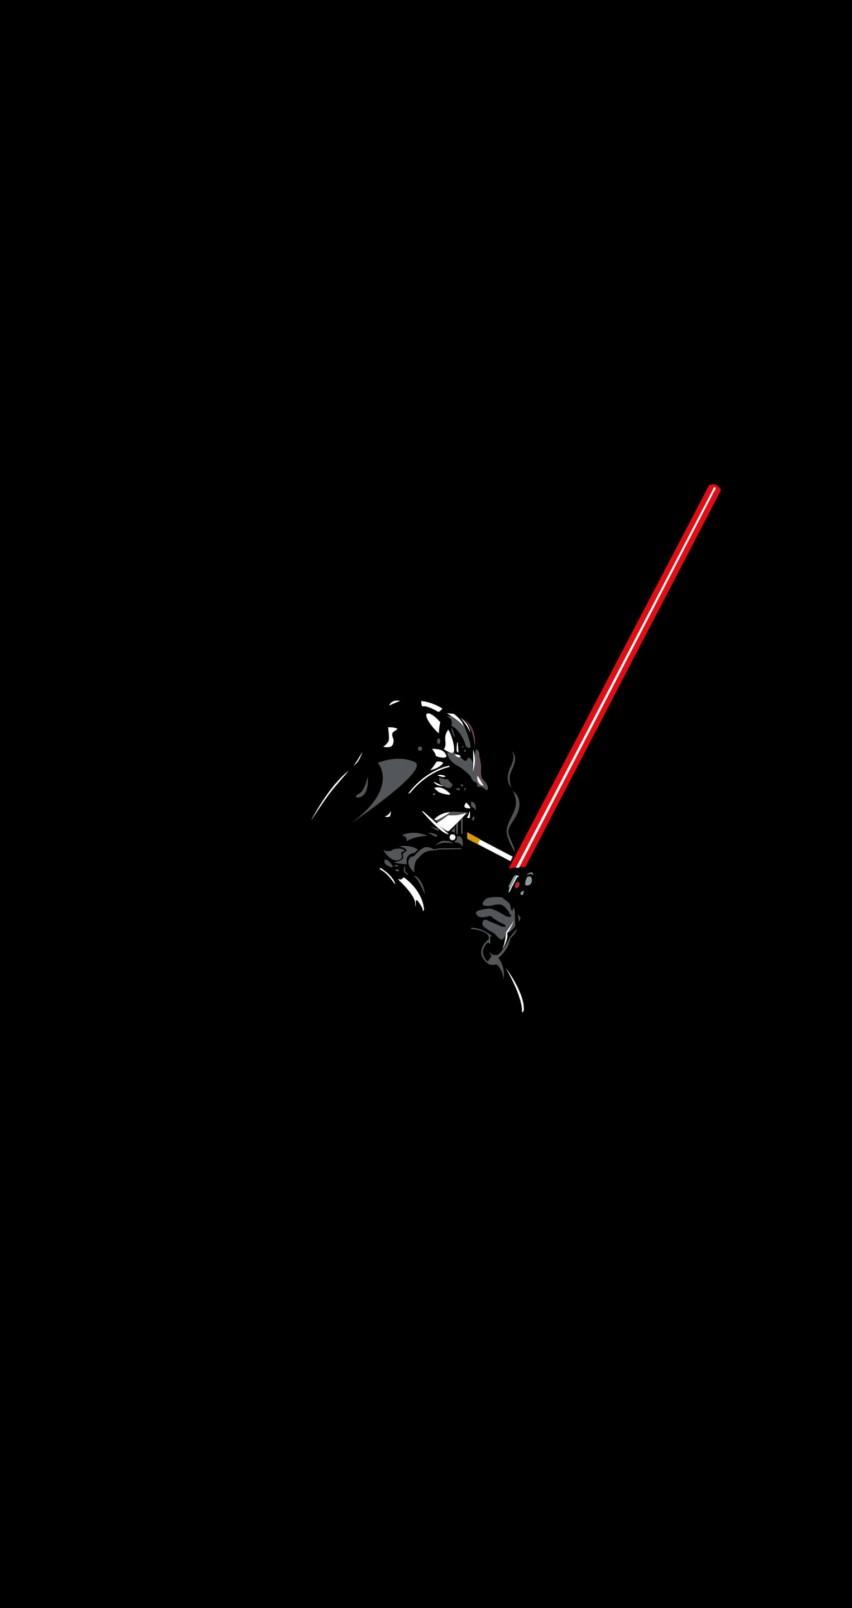 Darth Vader Cigarette newhairstylesformen2014com 852x1608